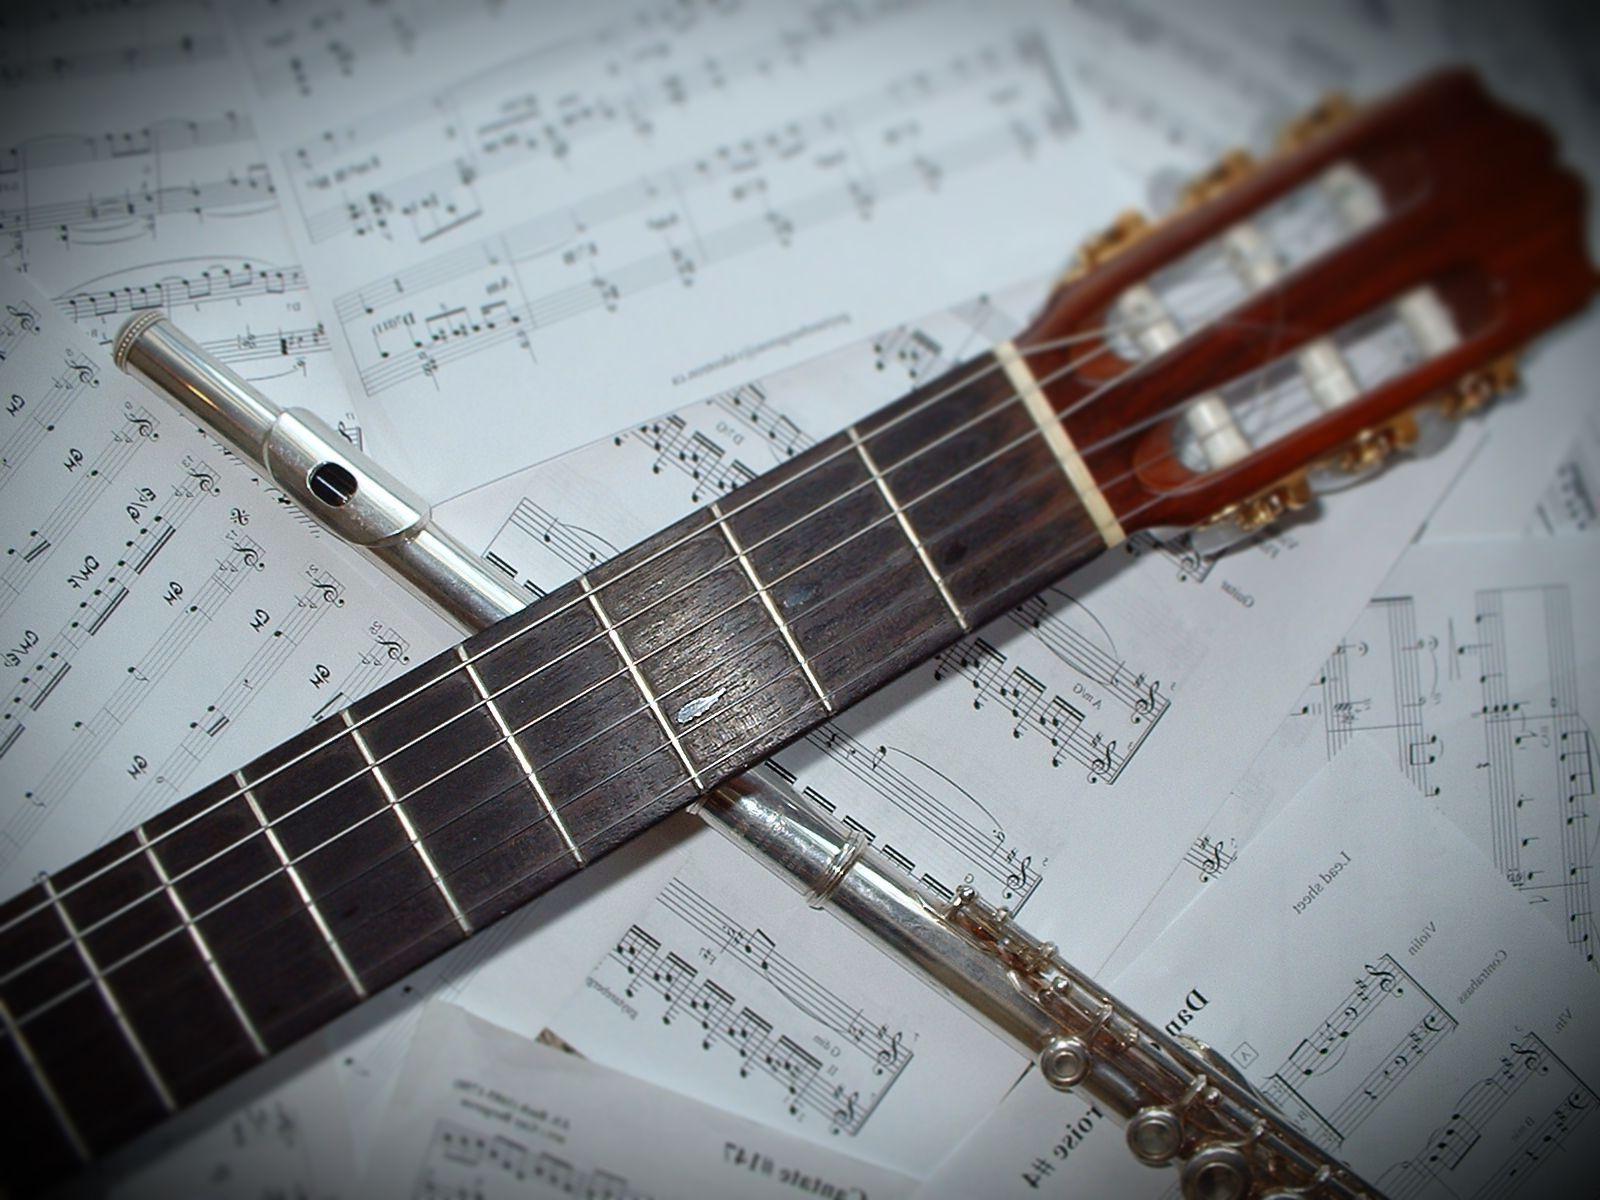 yan flüt ve gitar